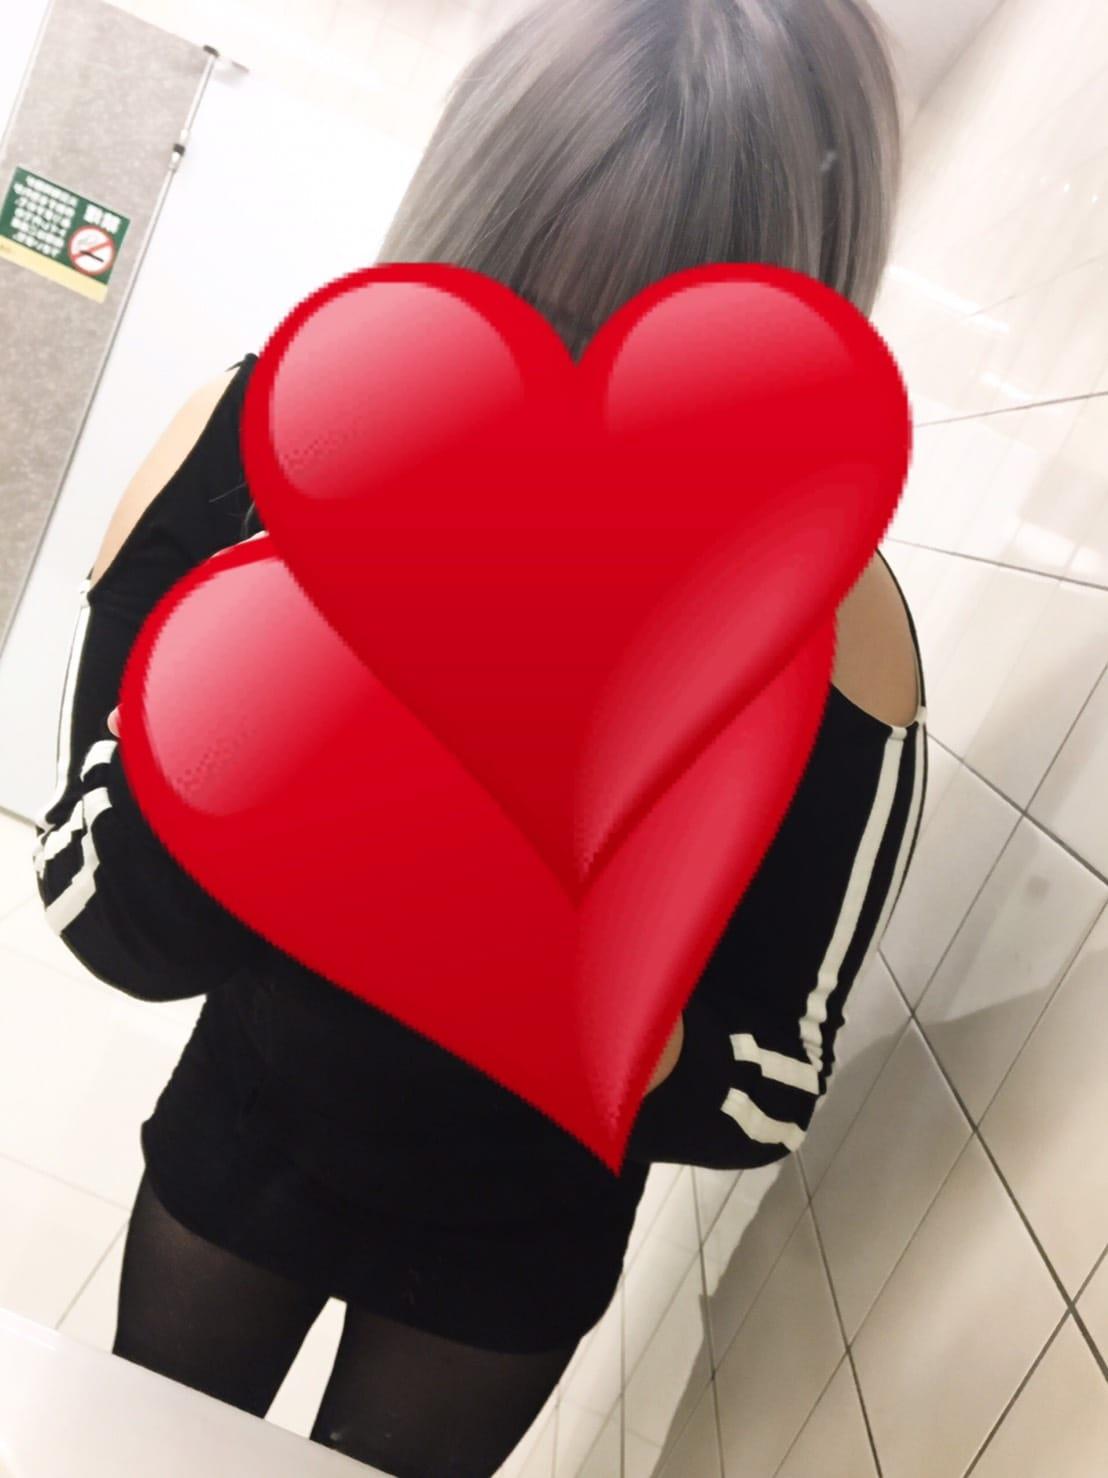 「こんばんゎ☆」10/30(10/30) 21:52 | ミラクルJカップ☆あいかの写メ・風俗動画